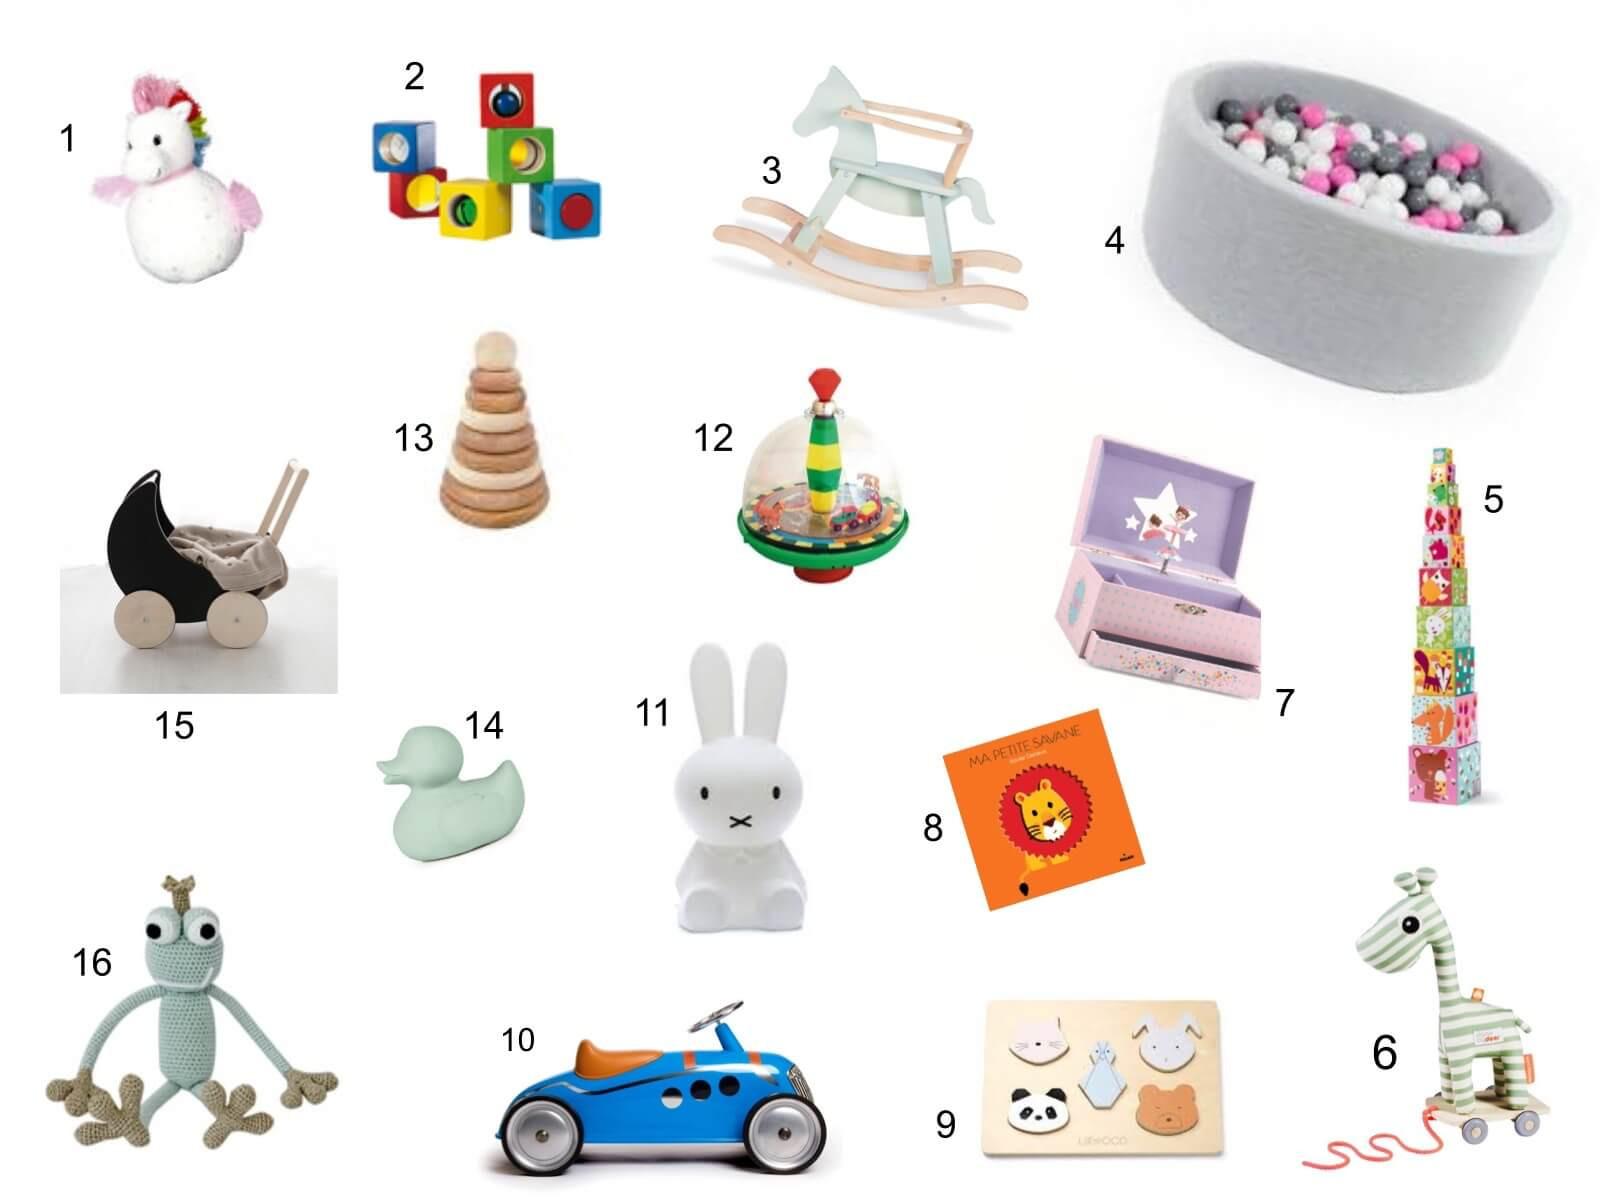 Geschenke Für 1 Jährige  Happy Mum Blog Geschenkideen für 1 jährige Kinder